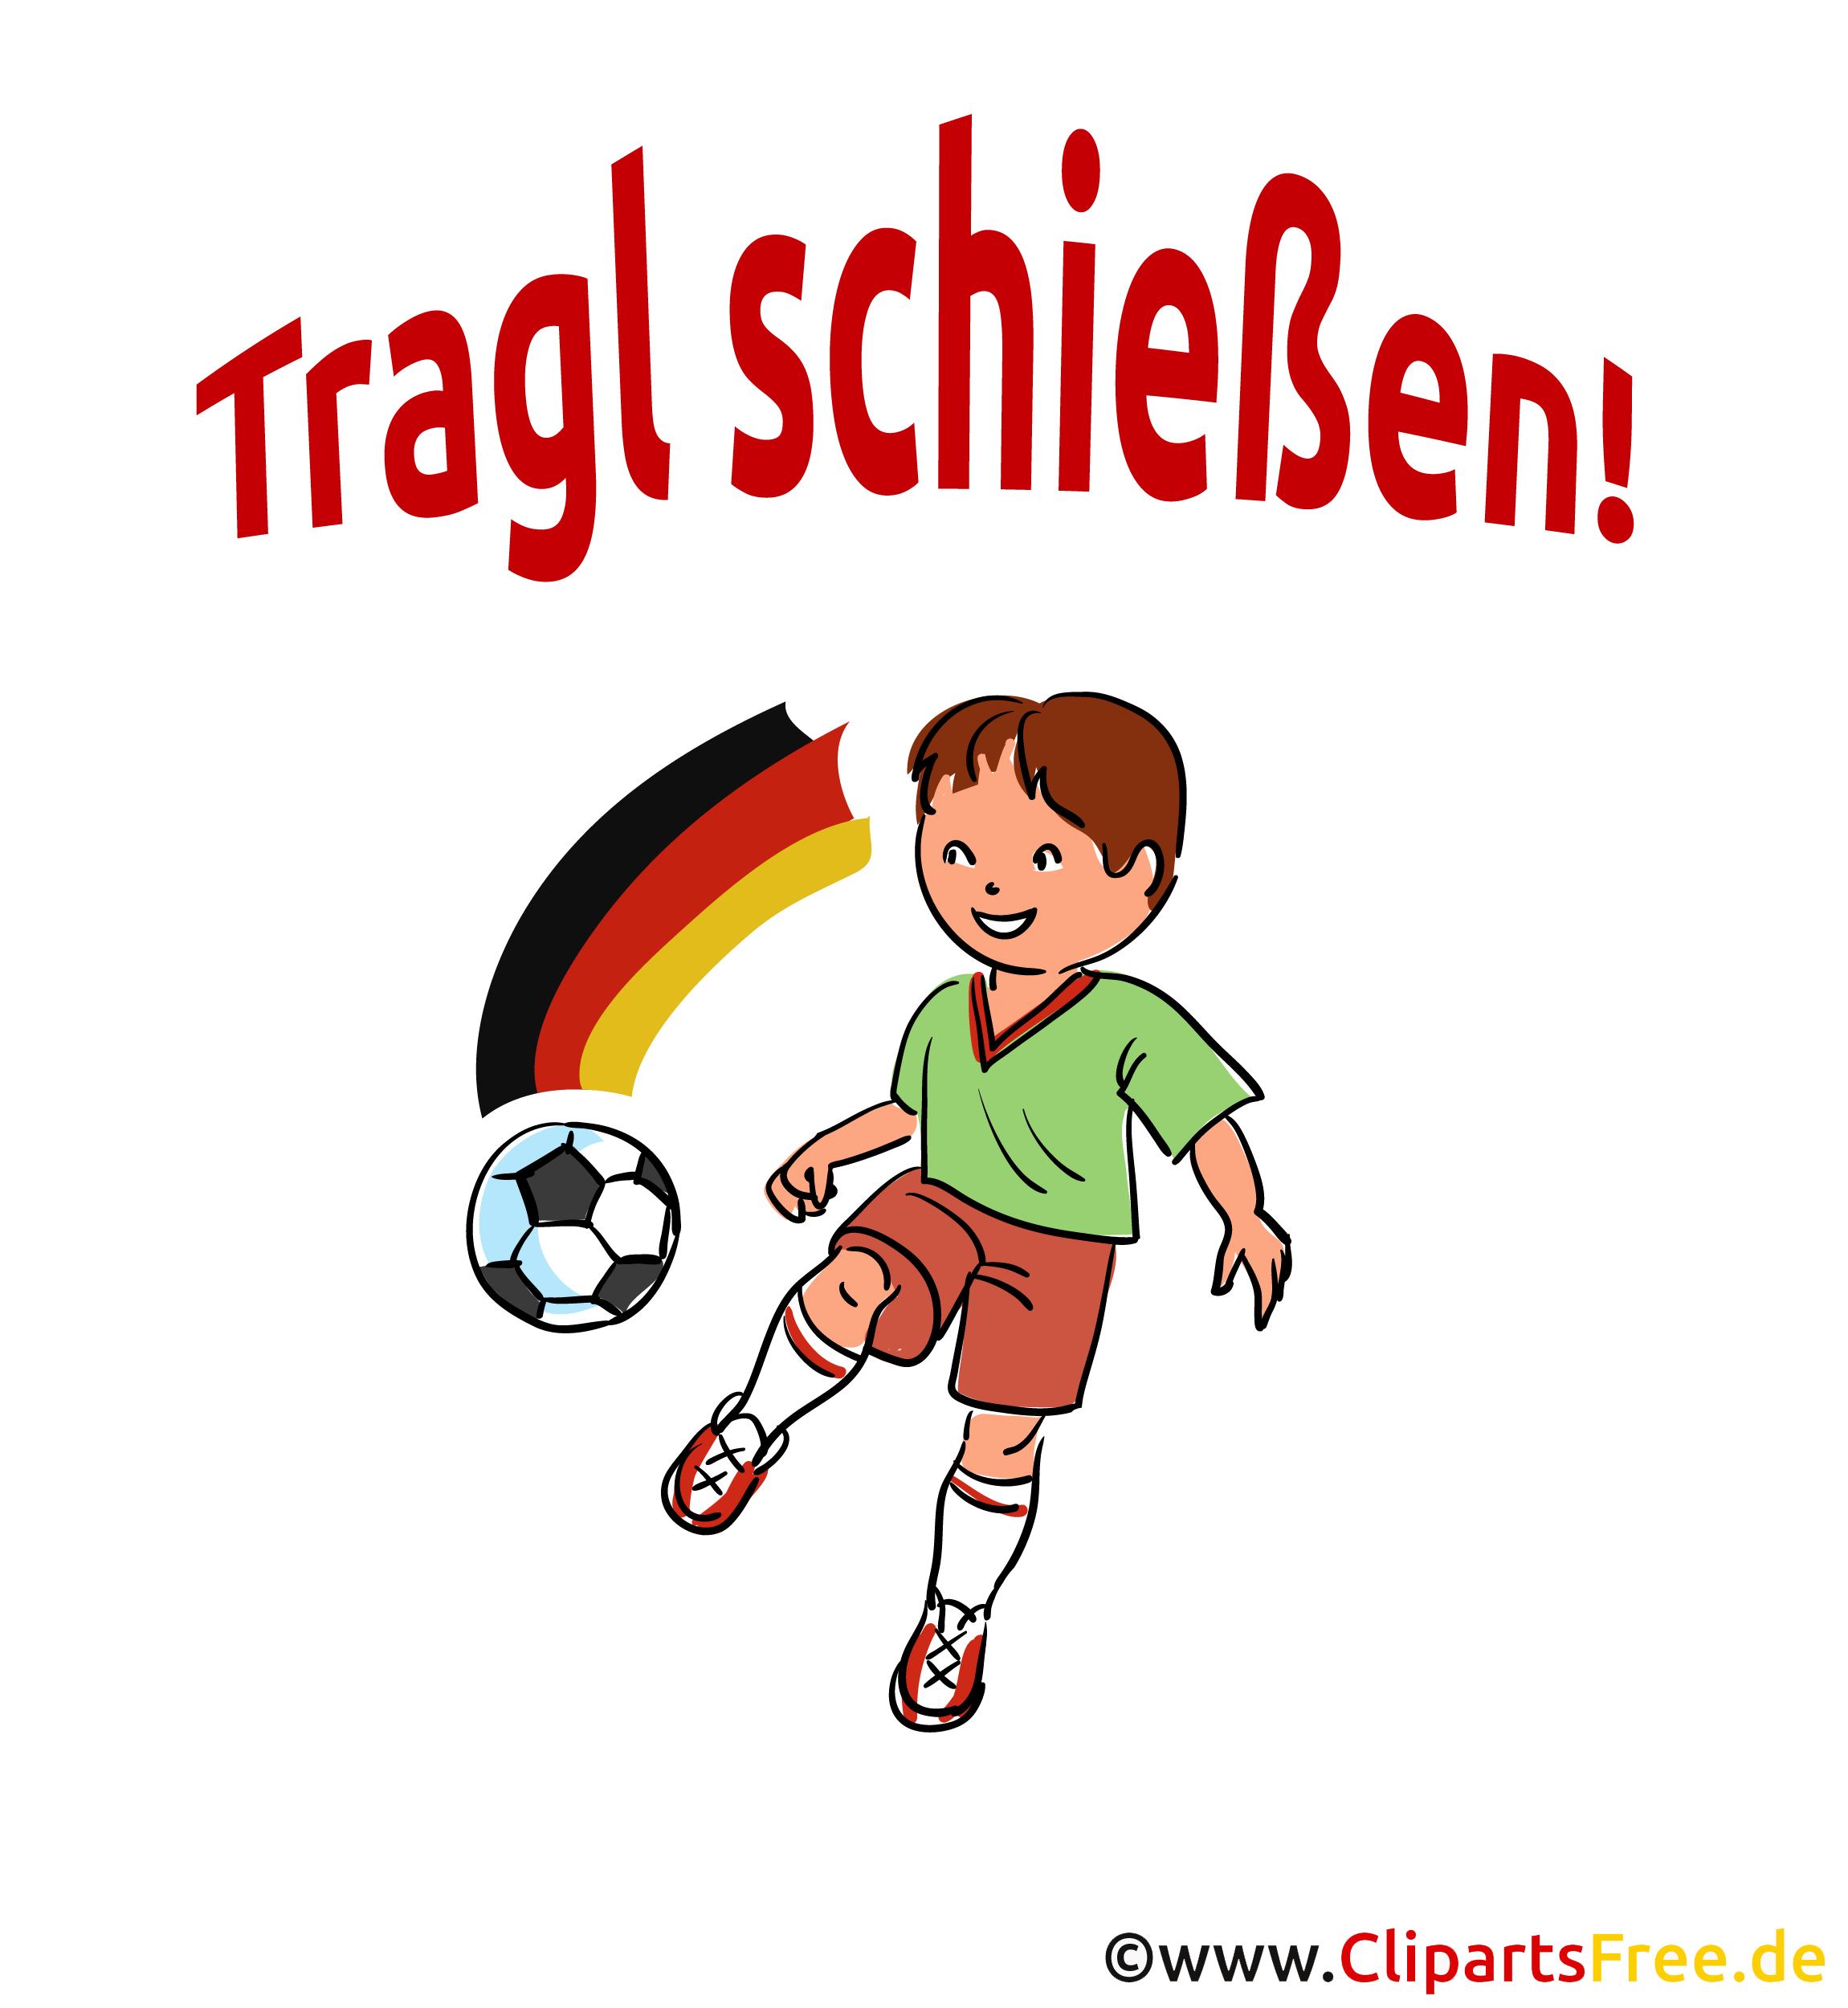 Voetbal slogan shoot - Clipart-afbeeldingen